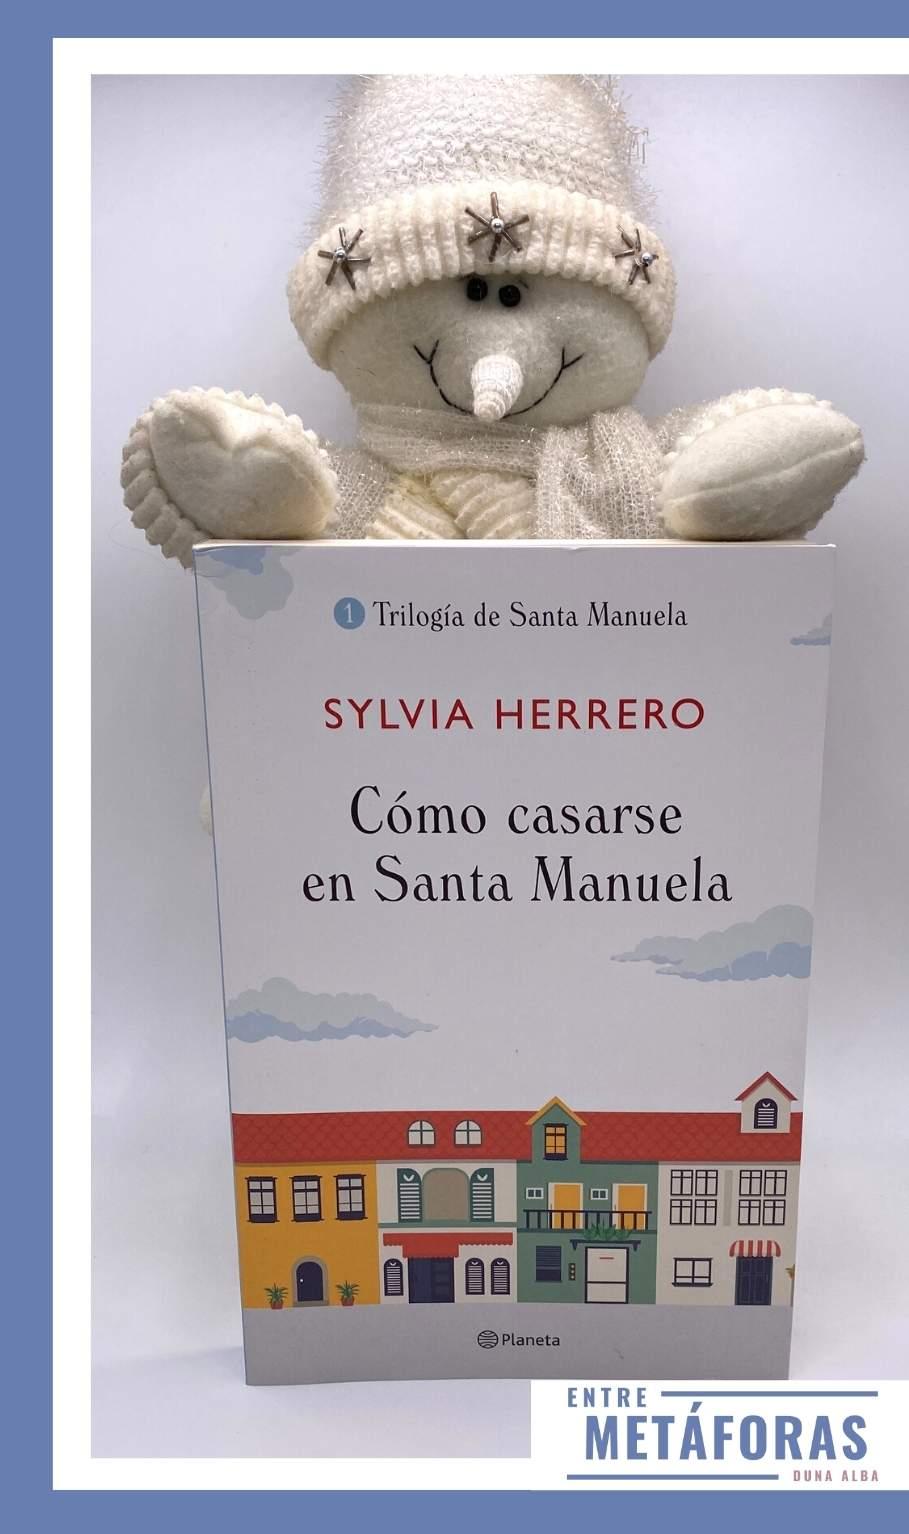 Cómo casarse en Santa Manuela, de Sylvia Herrero